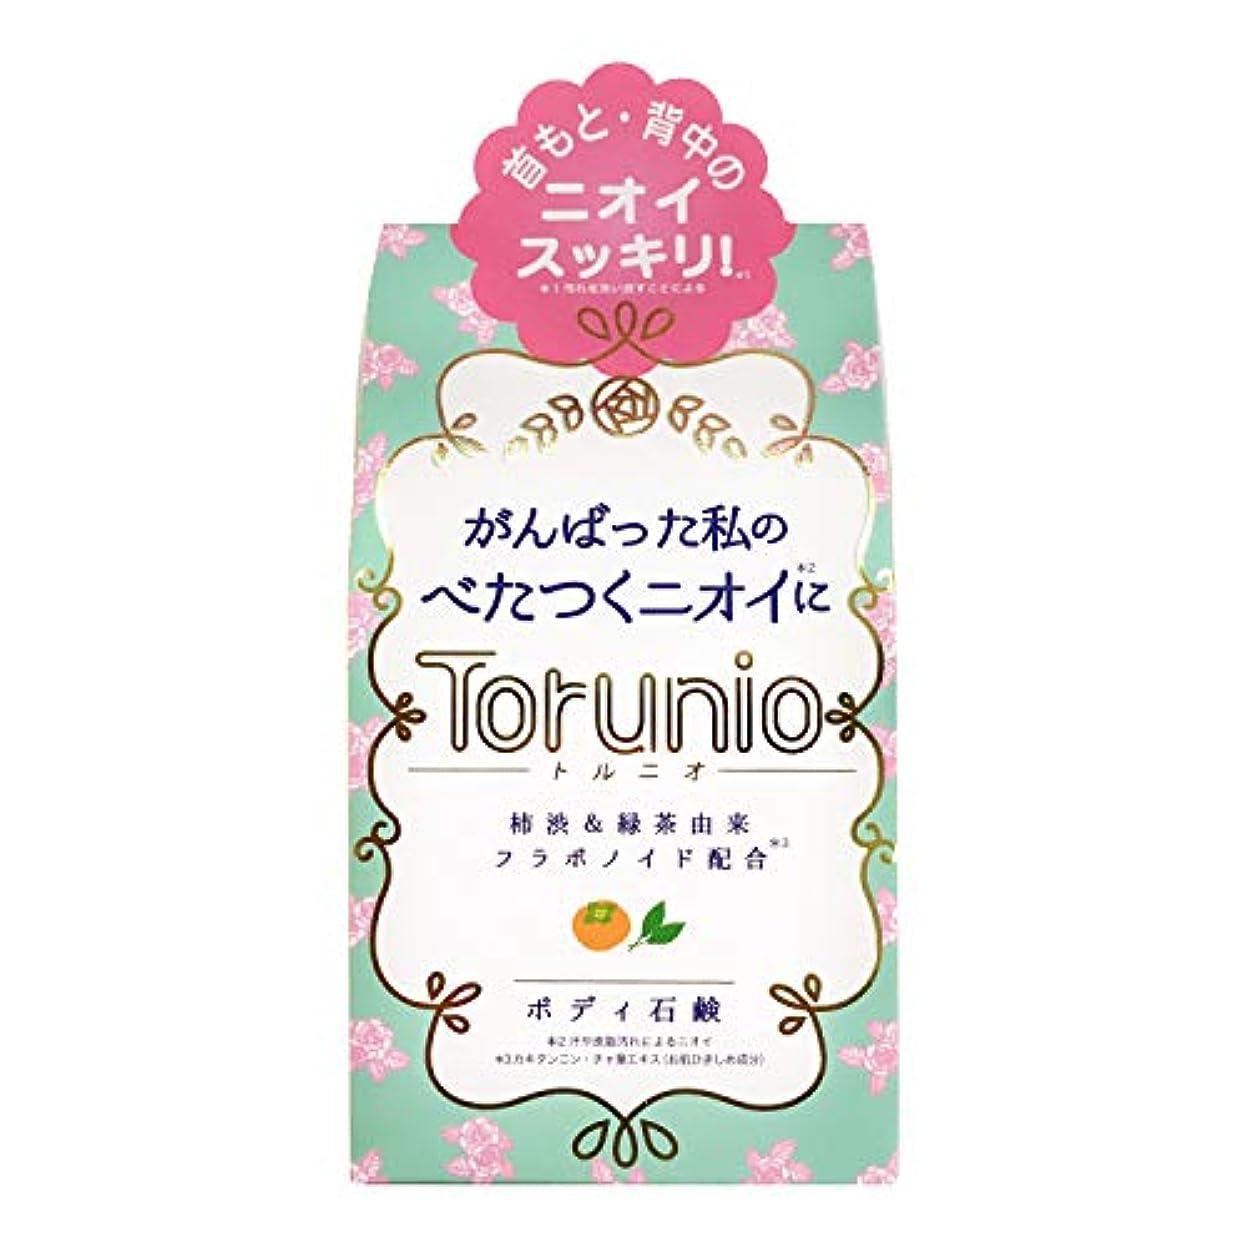 衰える作者決してTorunio(トルニオ)石鹸 100g